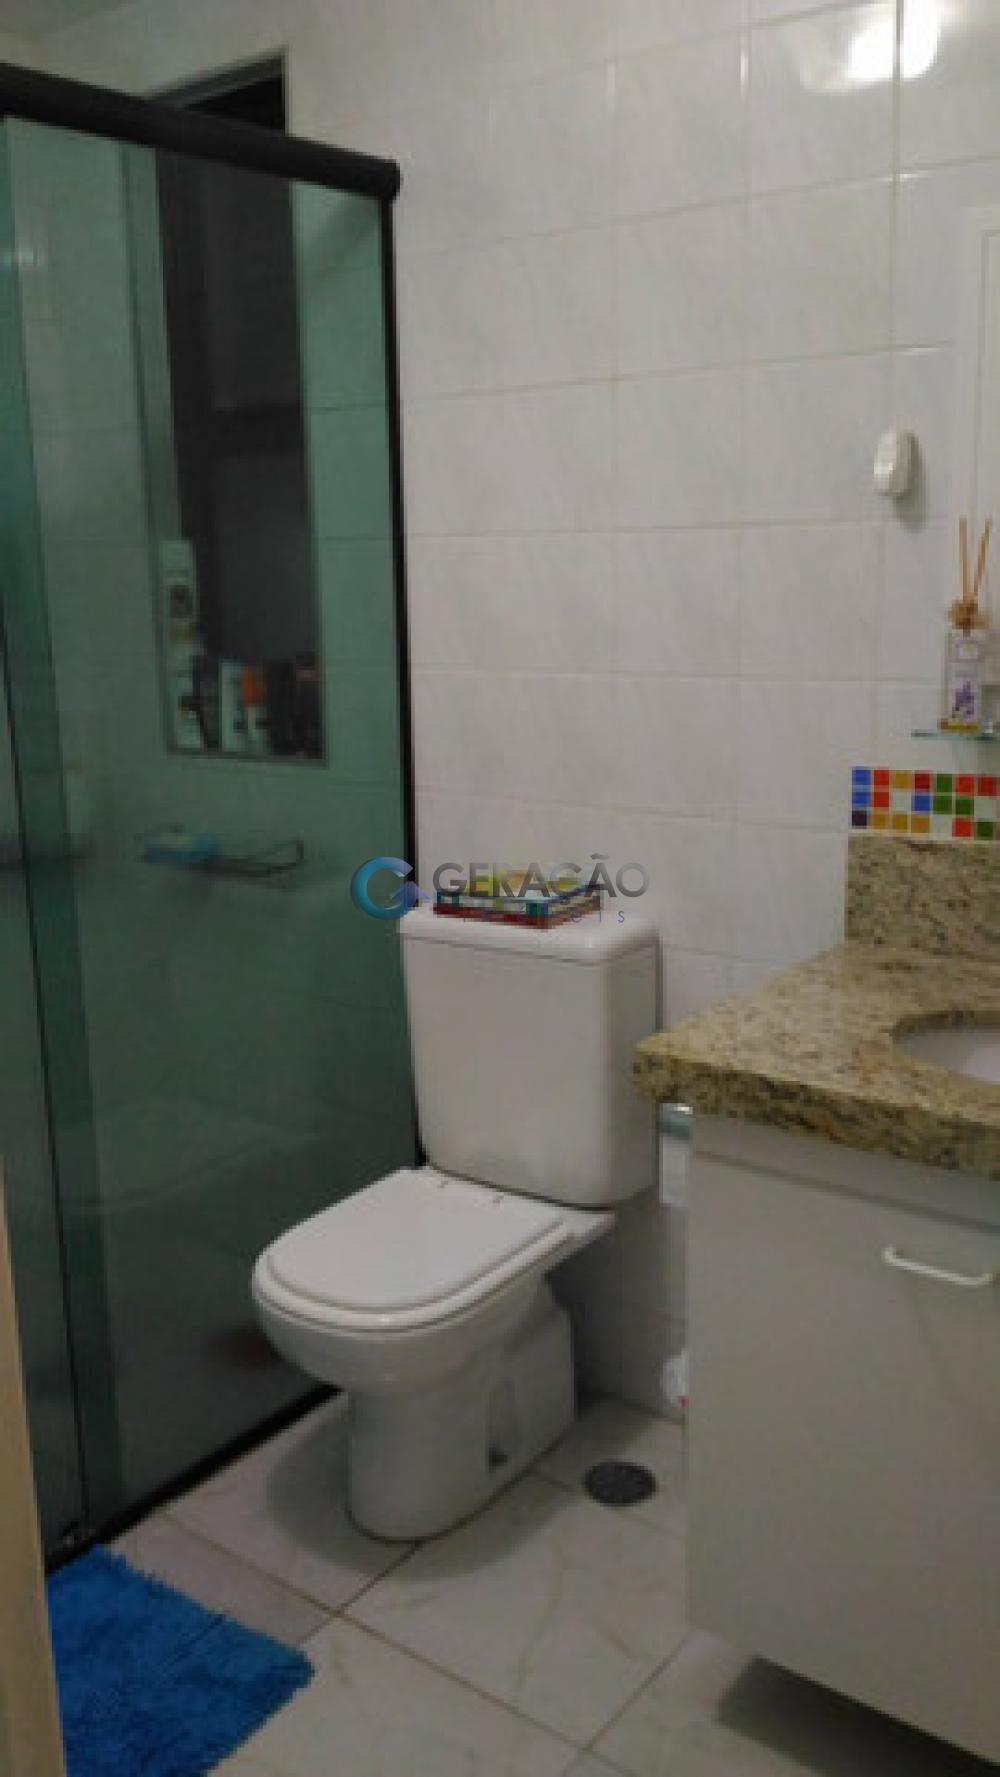 Comprar Apartamento / Padrão em São José dos Campos apenas R$ 360.000,00 - Foto 9